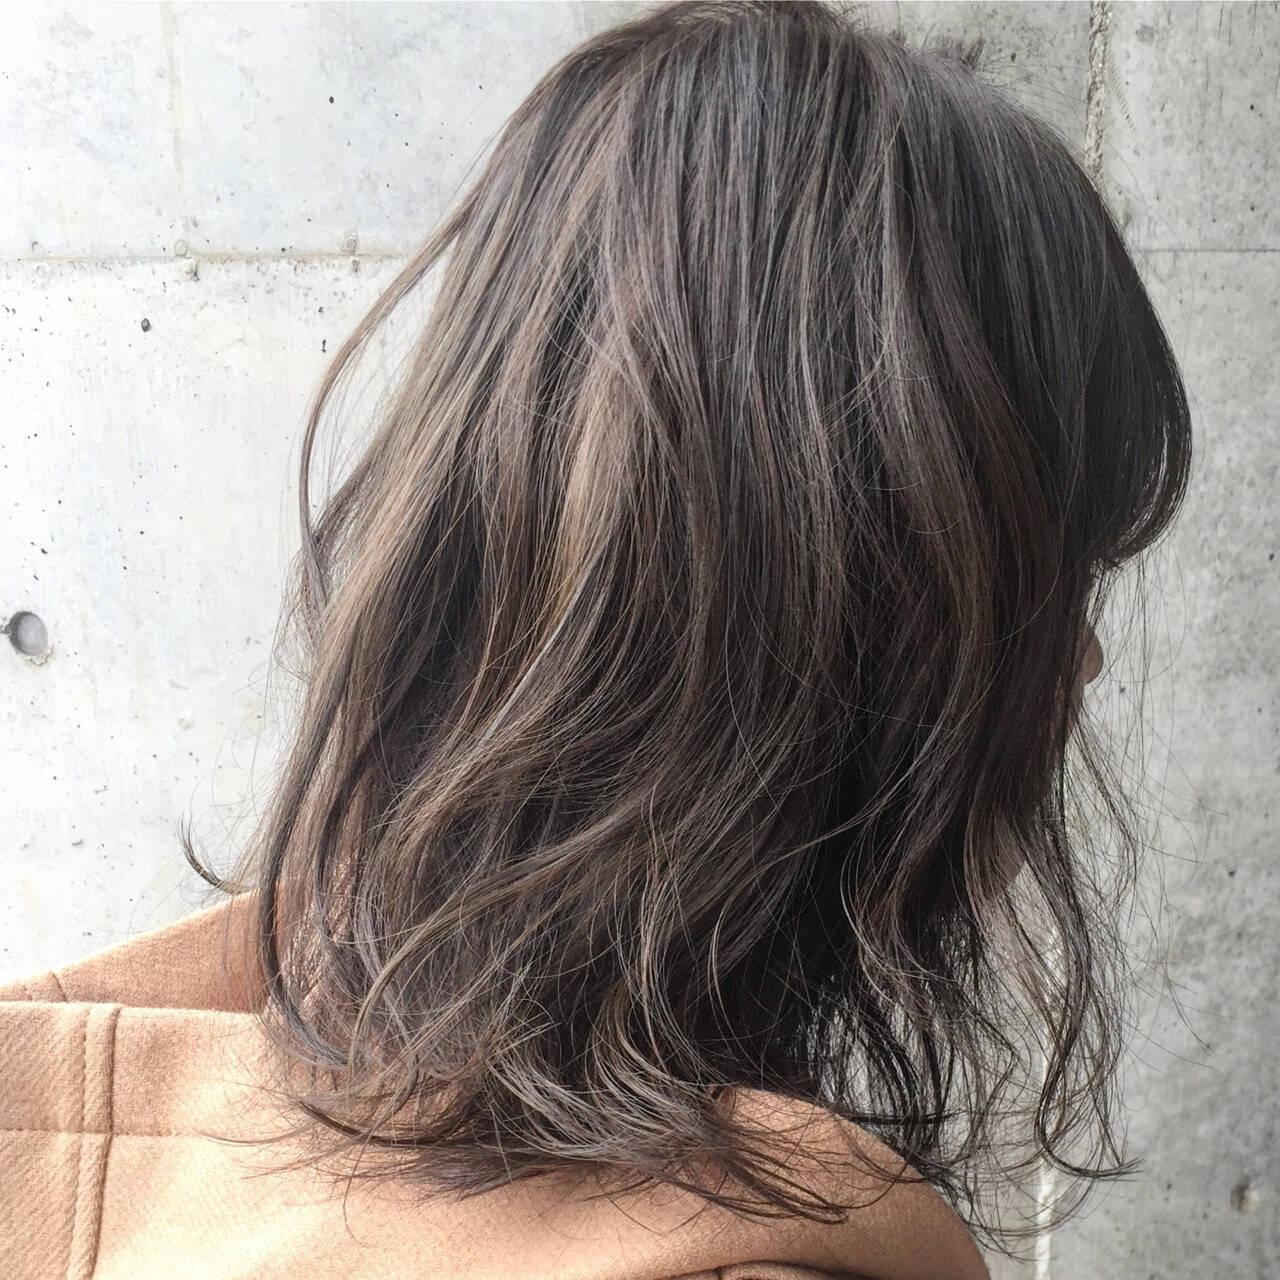 アッシュ グラデーションカラー ハイライト ストリートヘアスタイルや髪型の写真・画像